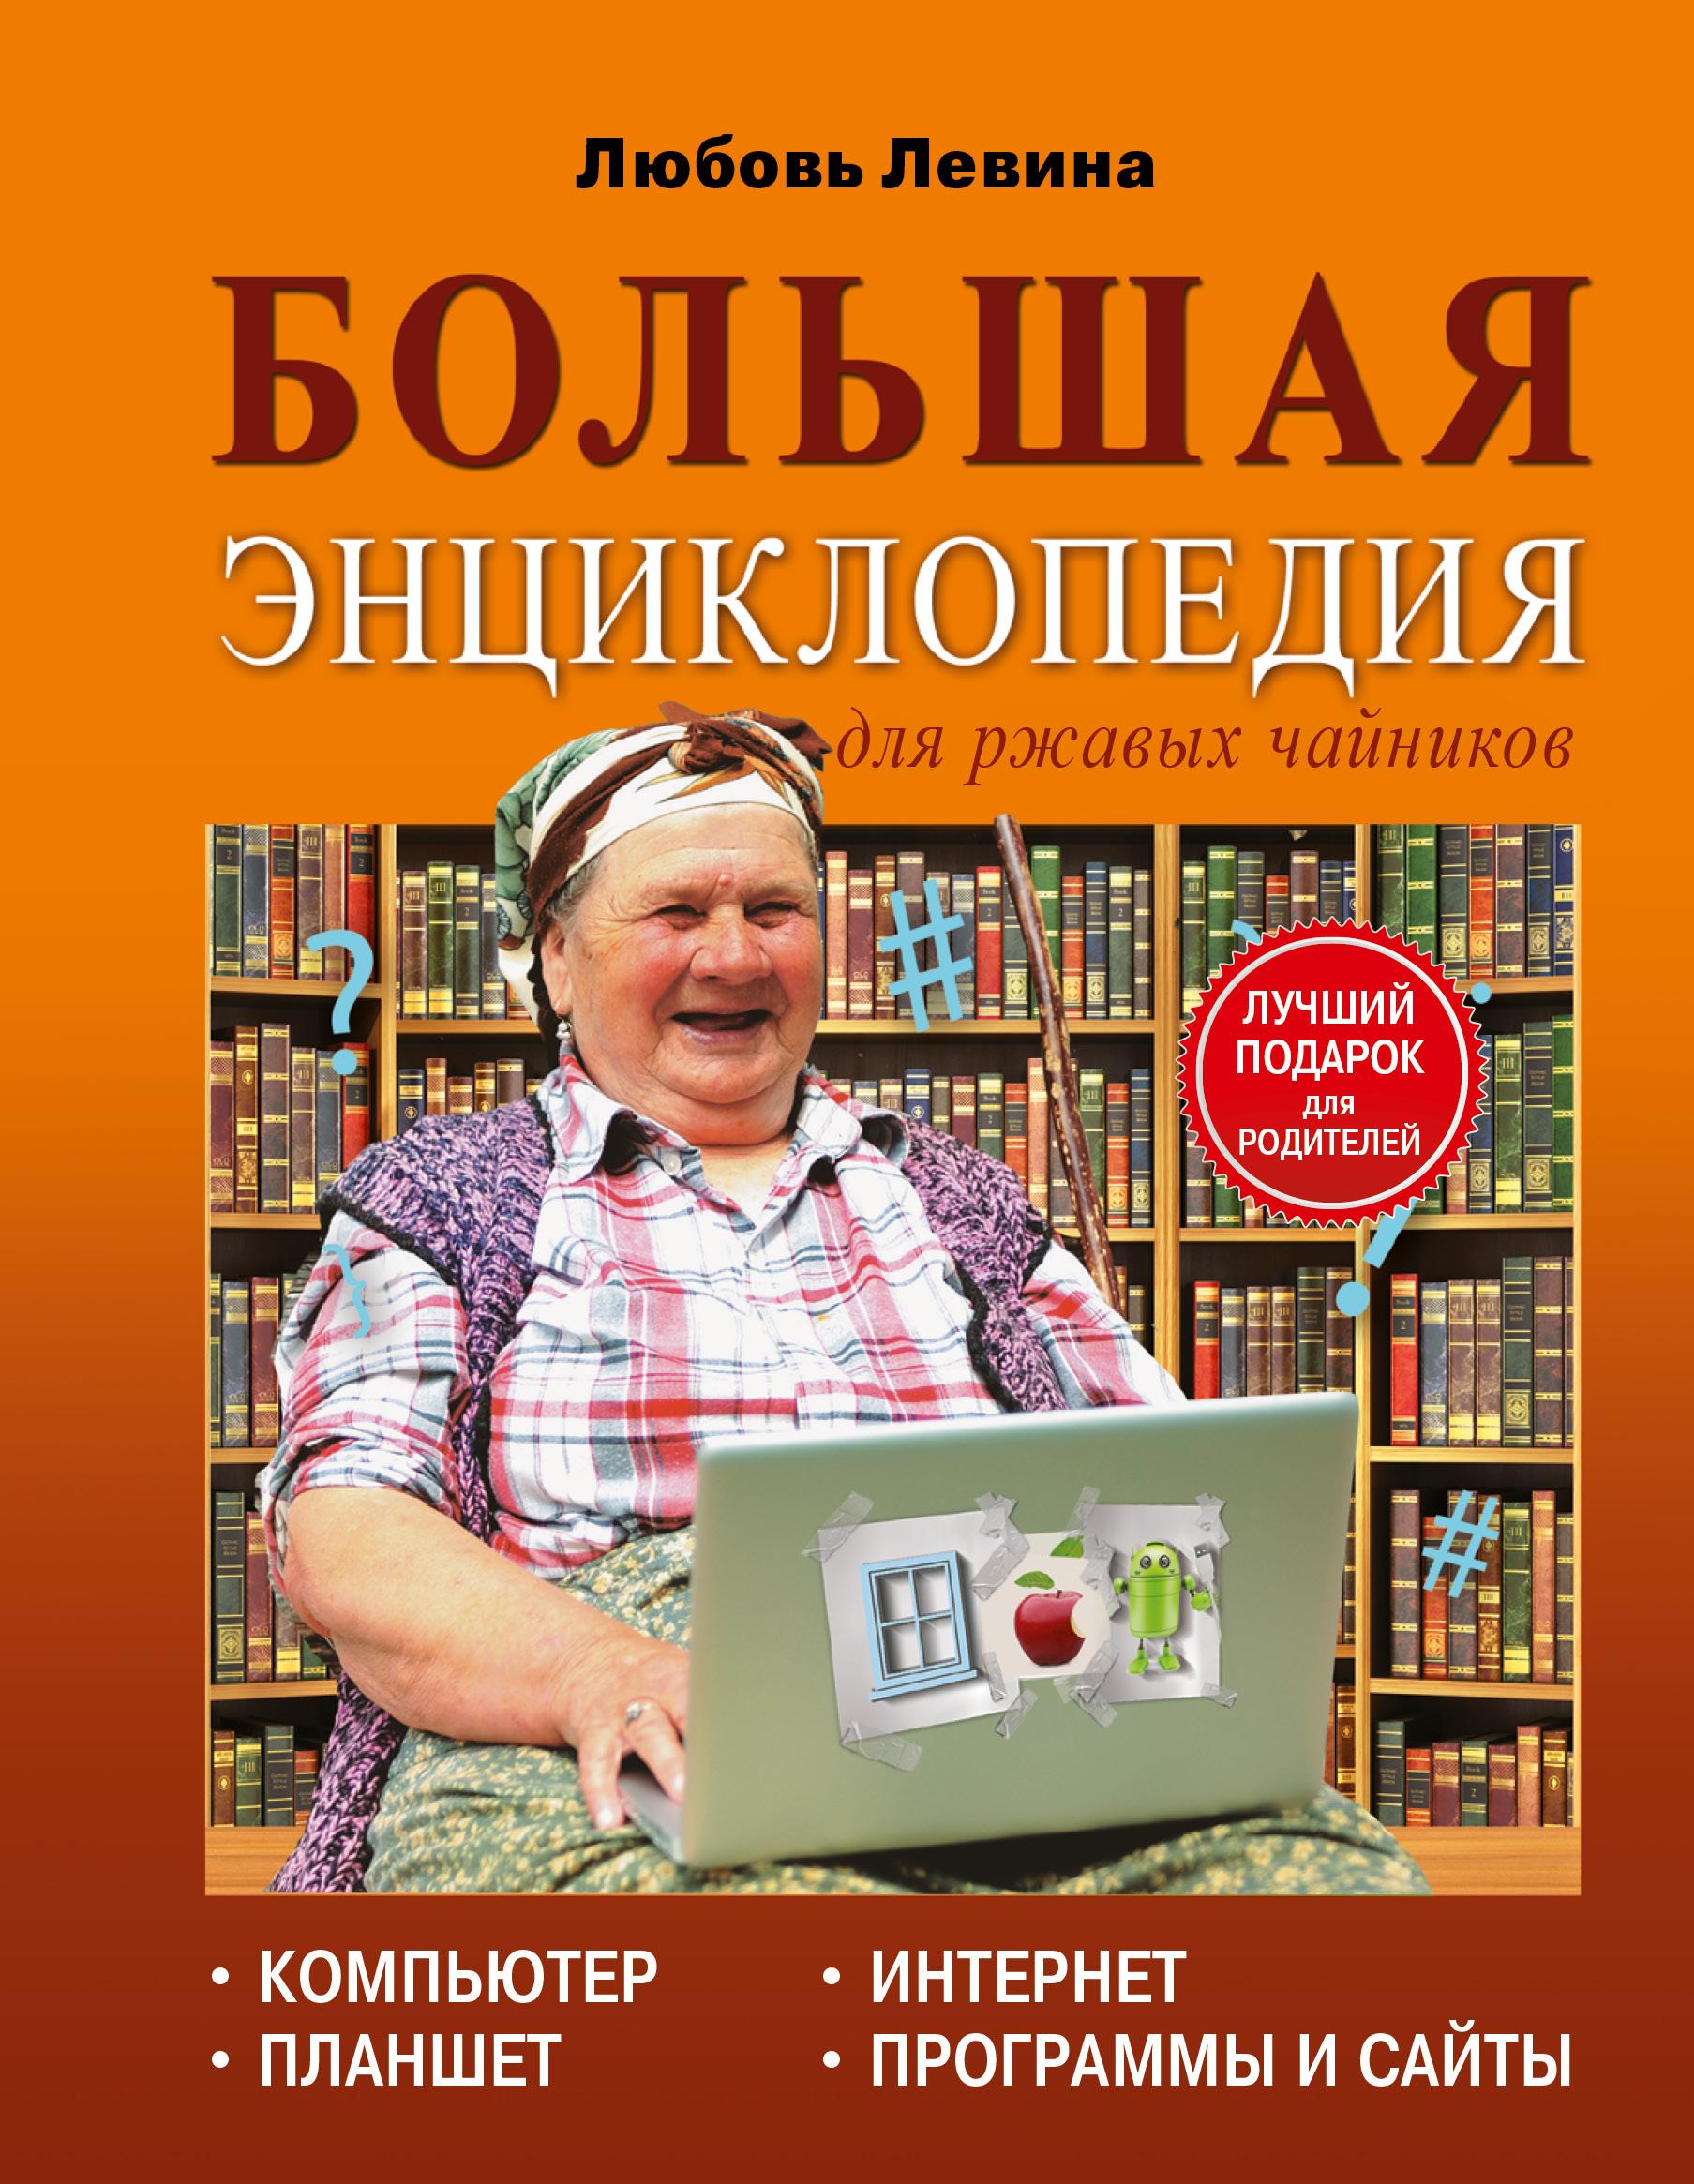 Любовь Левина Большая энциклопедия. Компьютер, планшет, Интернет для ржавых чайников